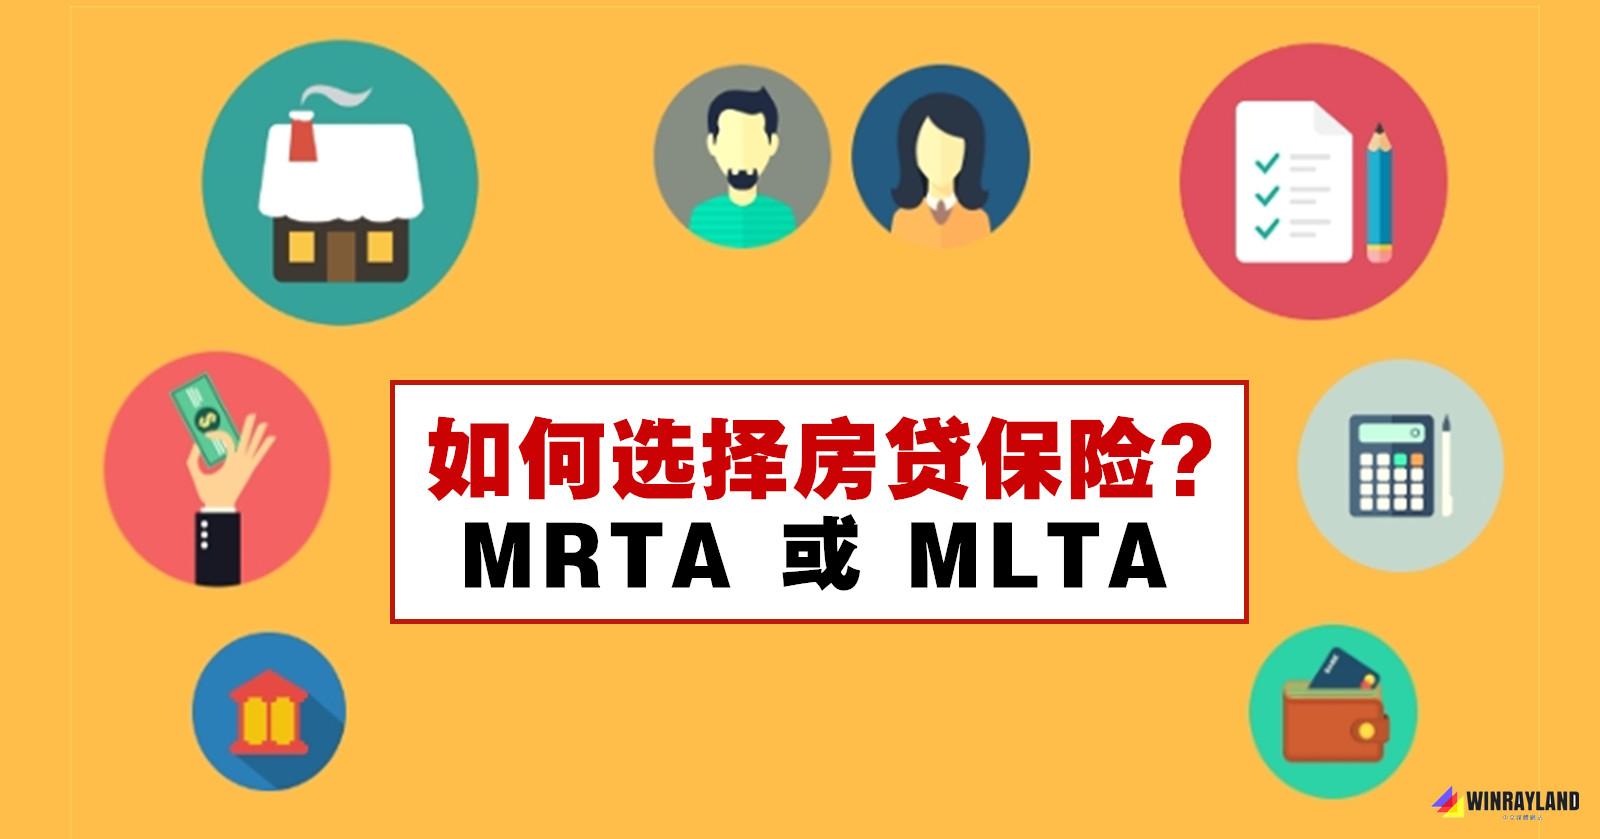 如何选择房屋贷款保险?MRTA 或 MLTA